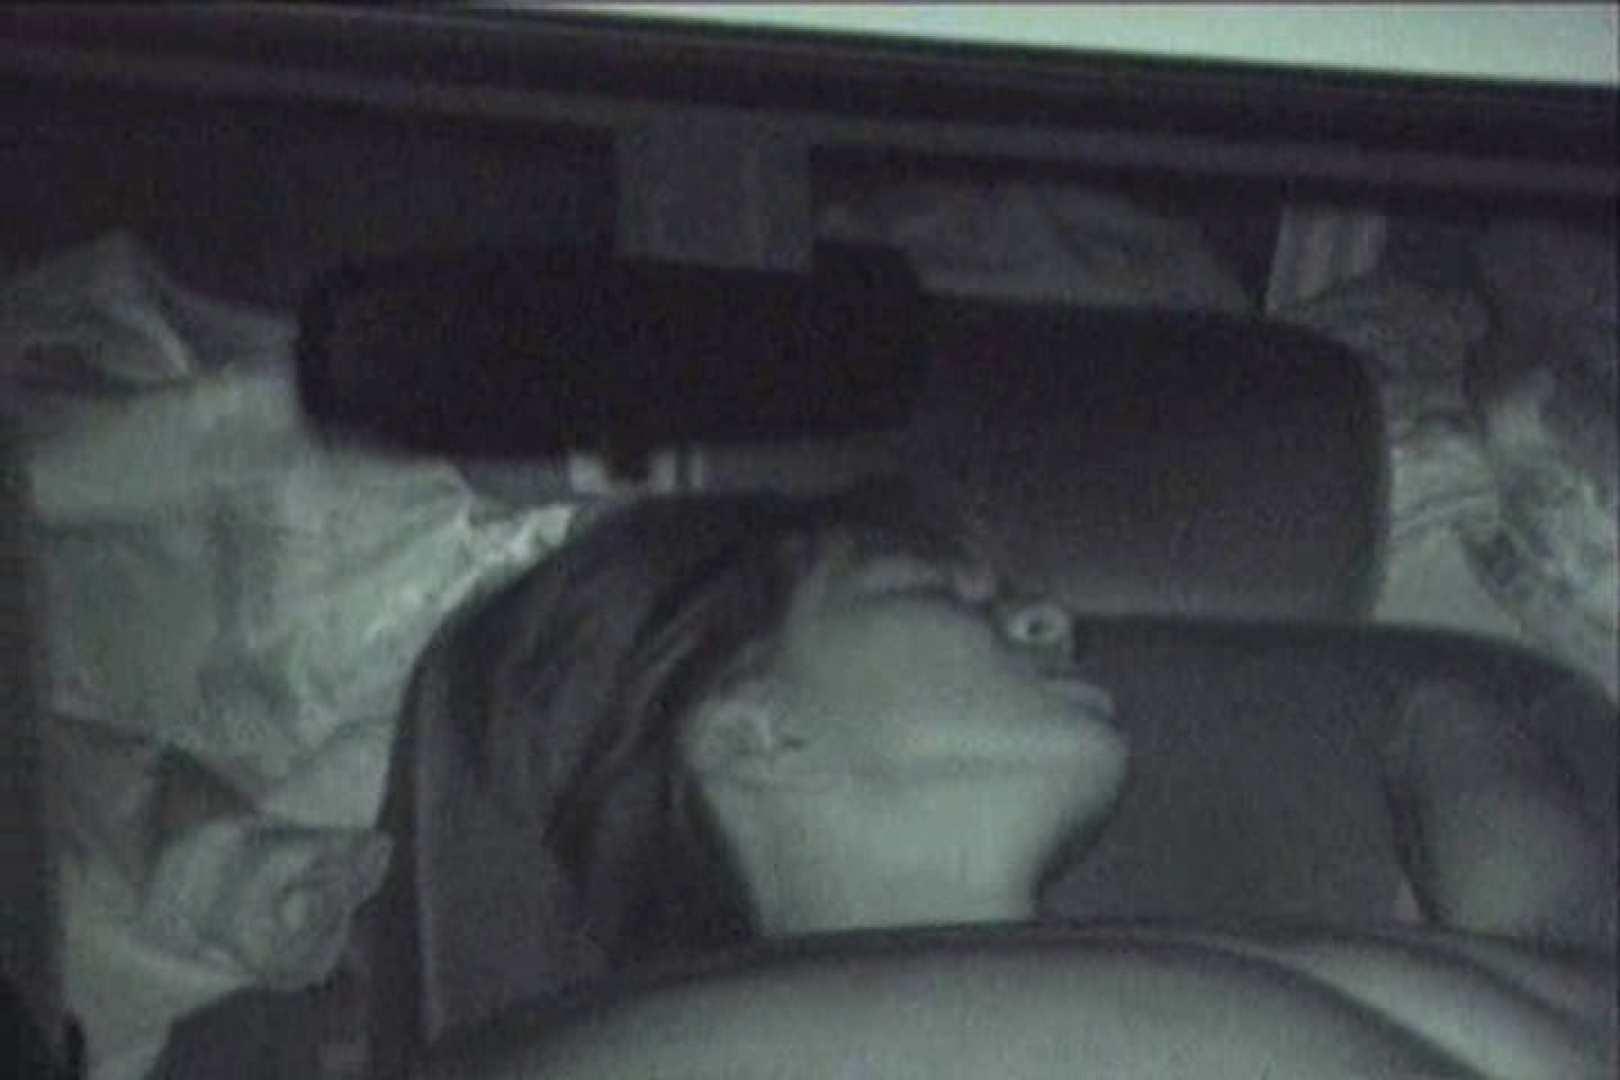 車の中はラブホテル 無修正版  Vol.21 HなOL 盗撮画像 83pic 58